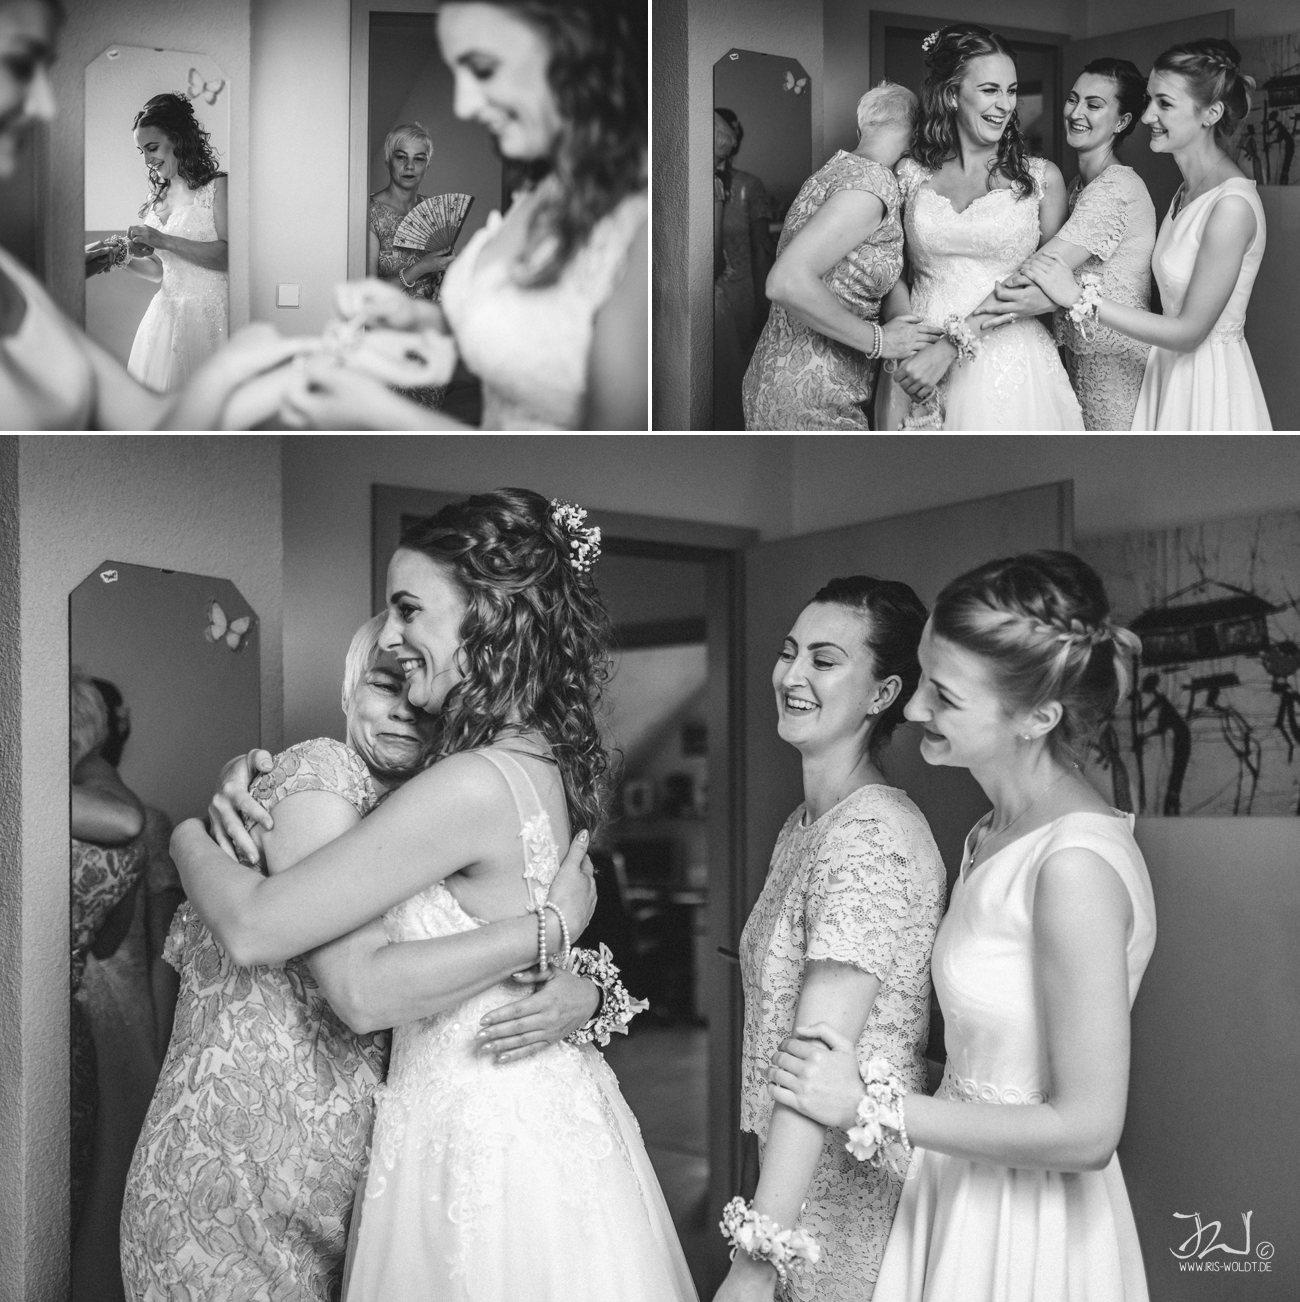 Hochzeitsfotograf_Altthymen_MuehleTornow_IrisWoldt 18